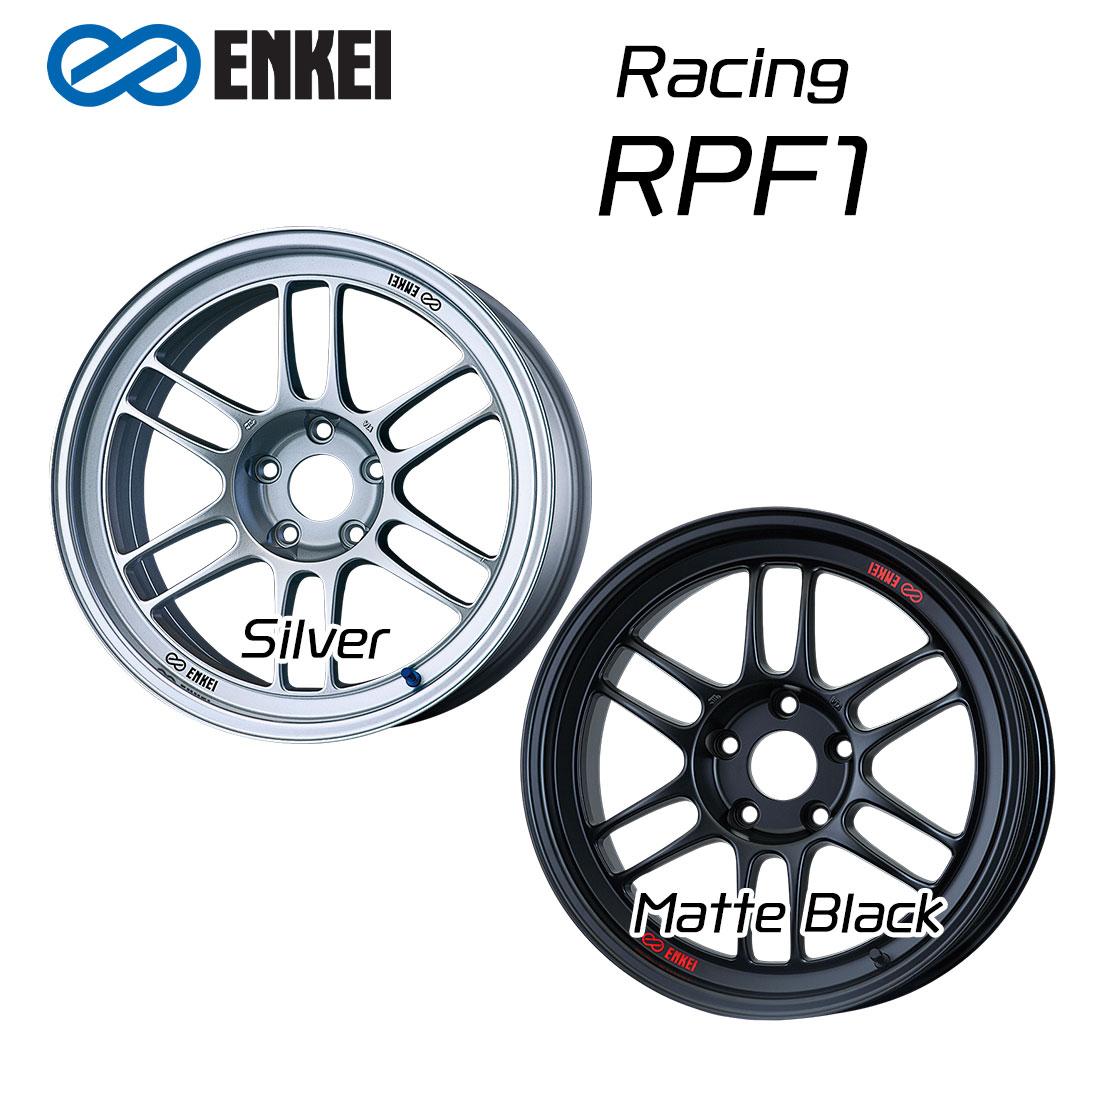 エンケイ ホイール レーシング RPF1 18インチ 10.5J ENKEI Racing マット ブラック シルバー 車 かっこいい